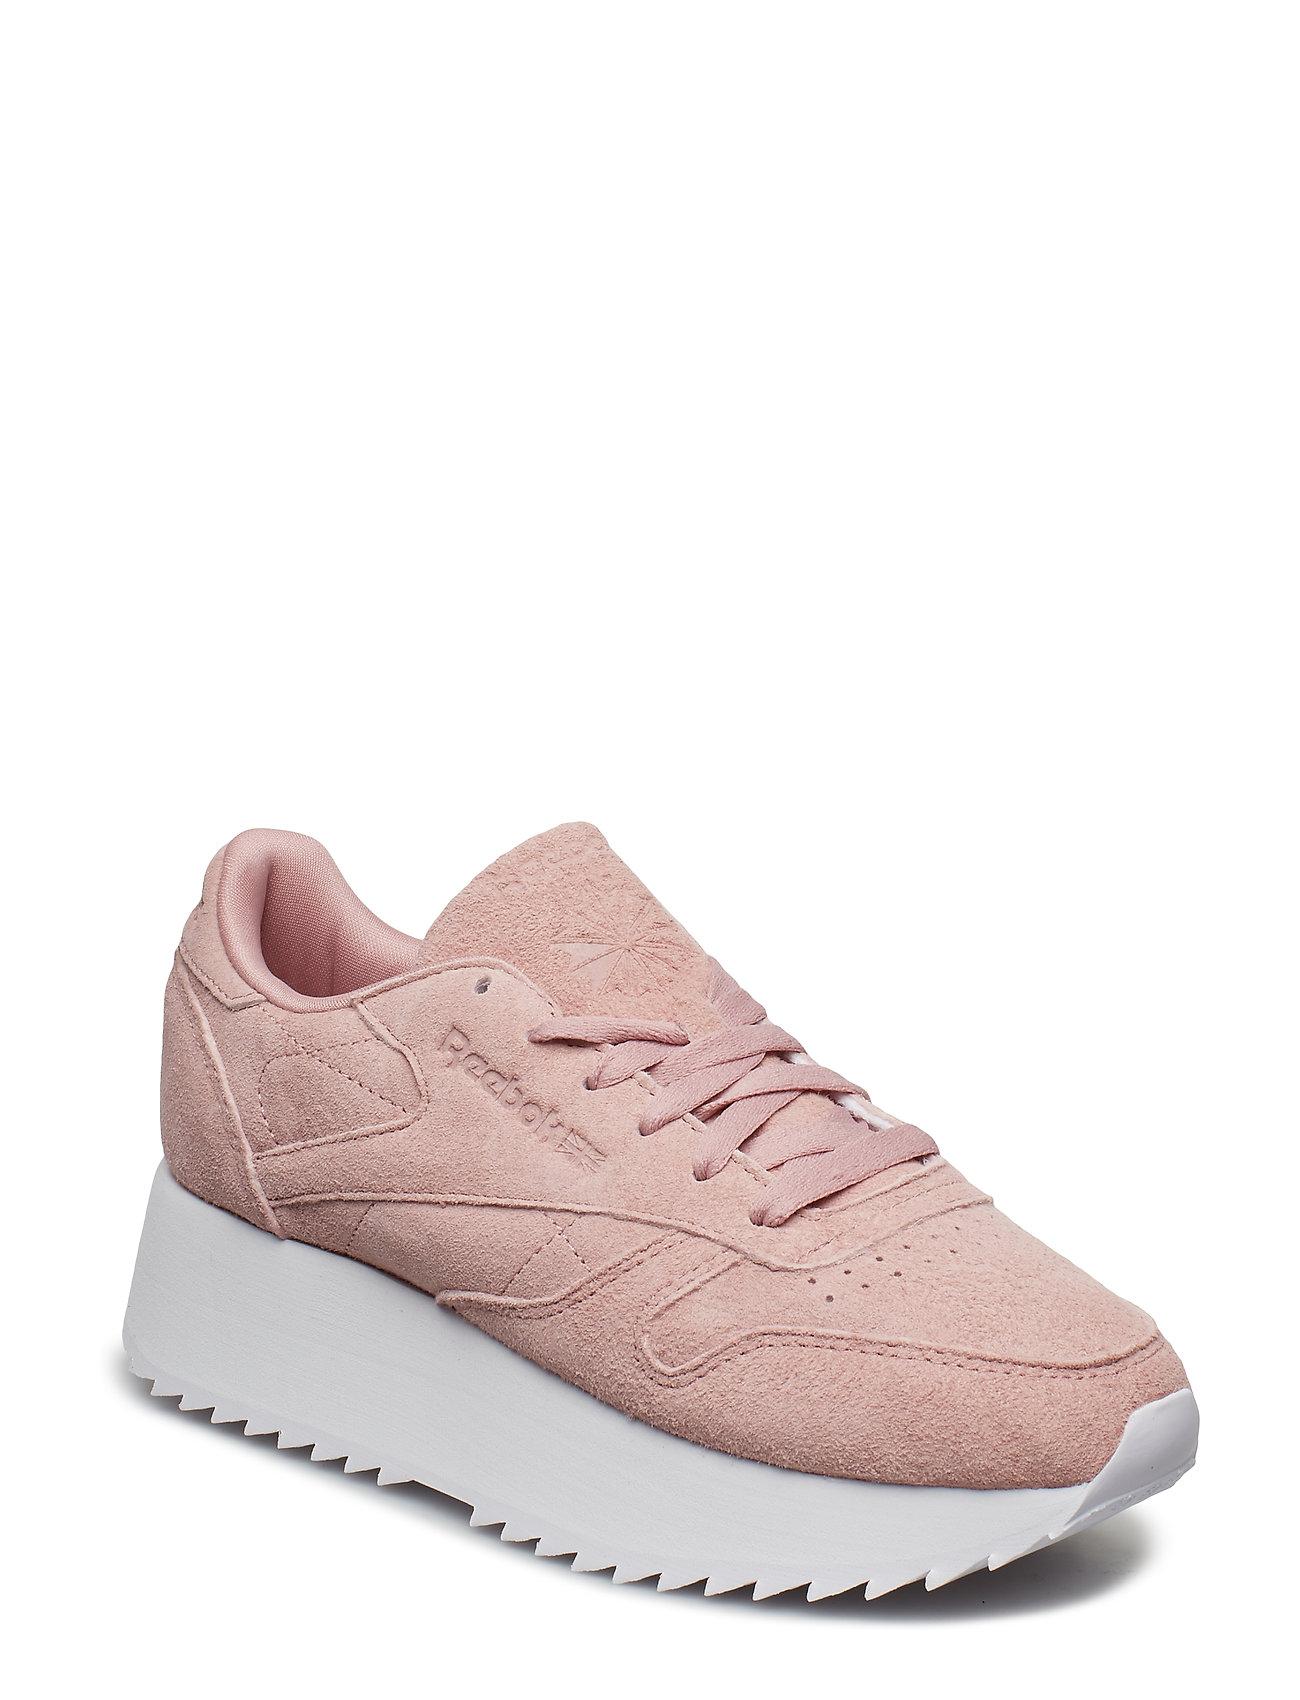 REEBOK Cl Lthr Double Niedrige Sneaker Pink REEBOK CLASSICS